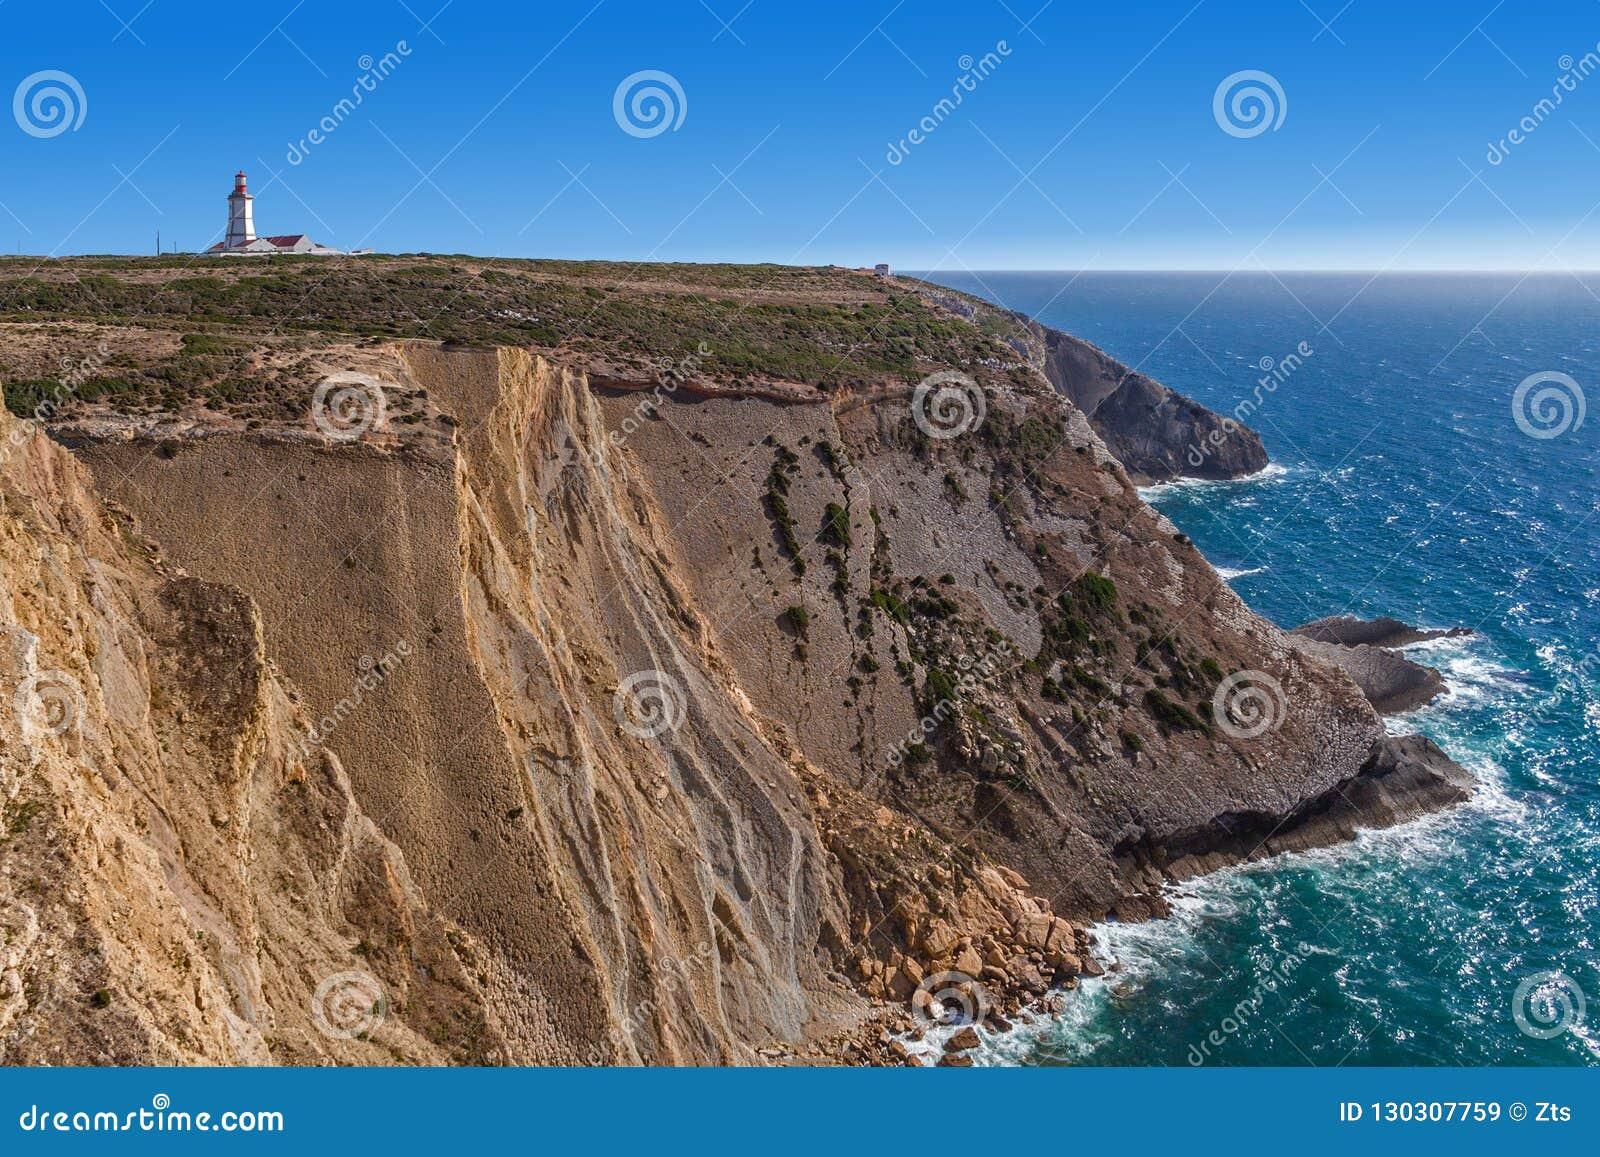 The Cabo Espichel Cape